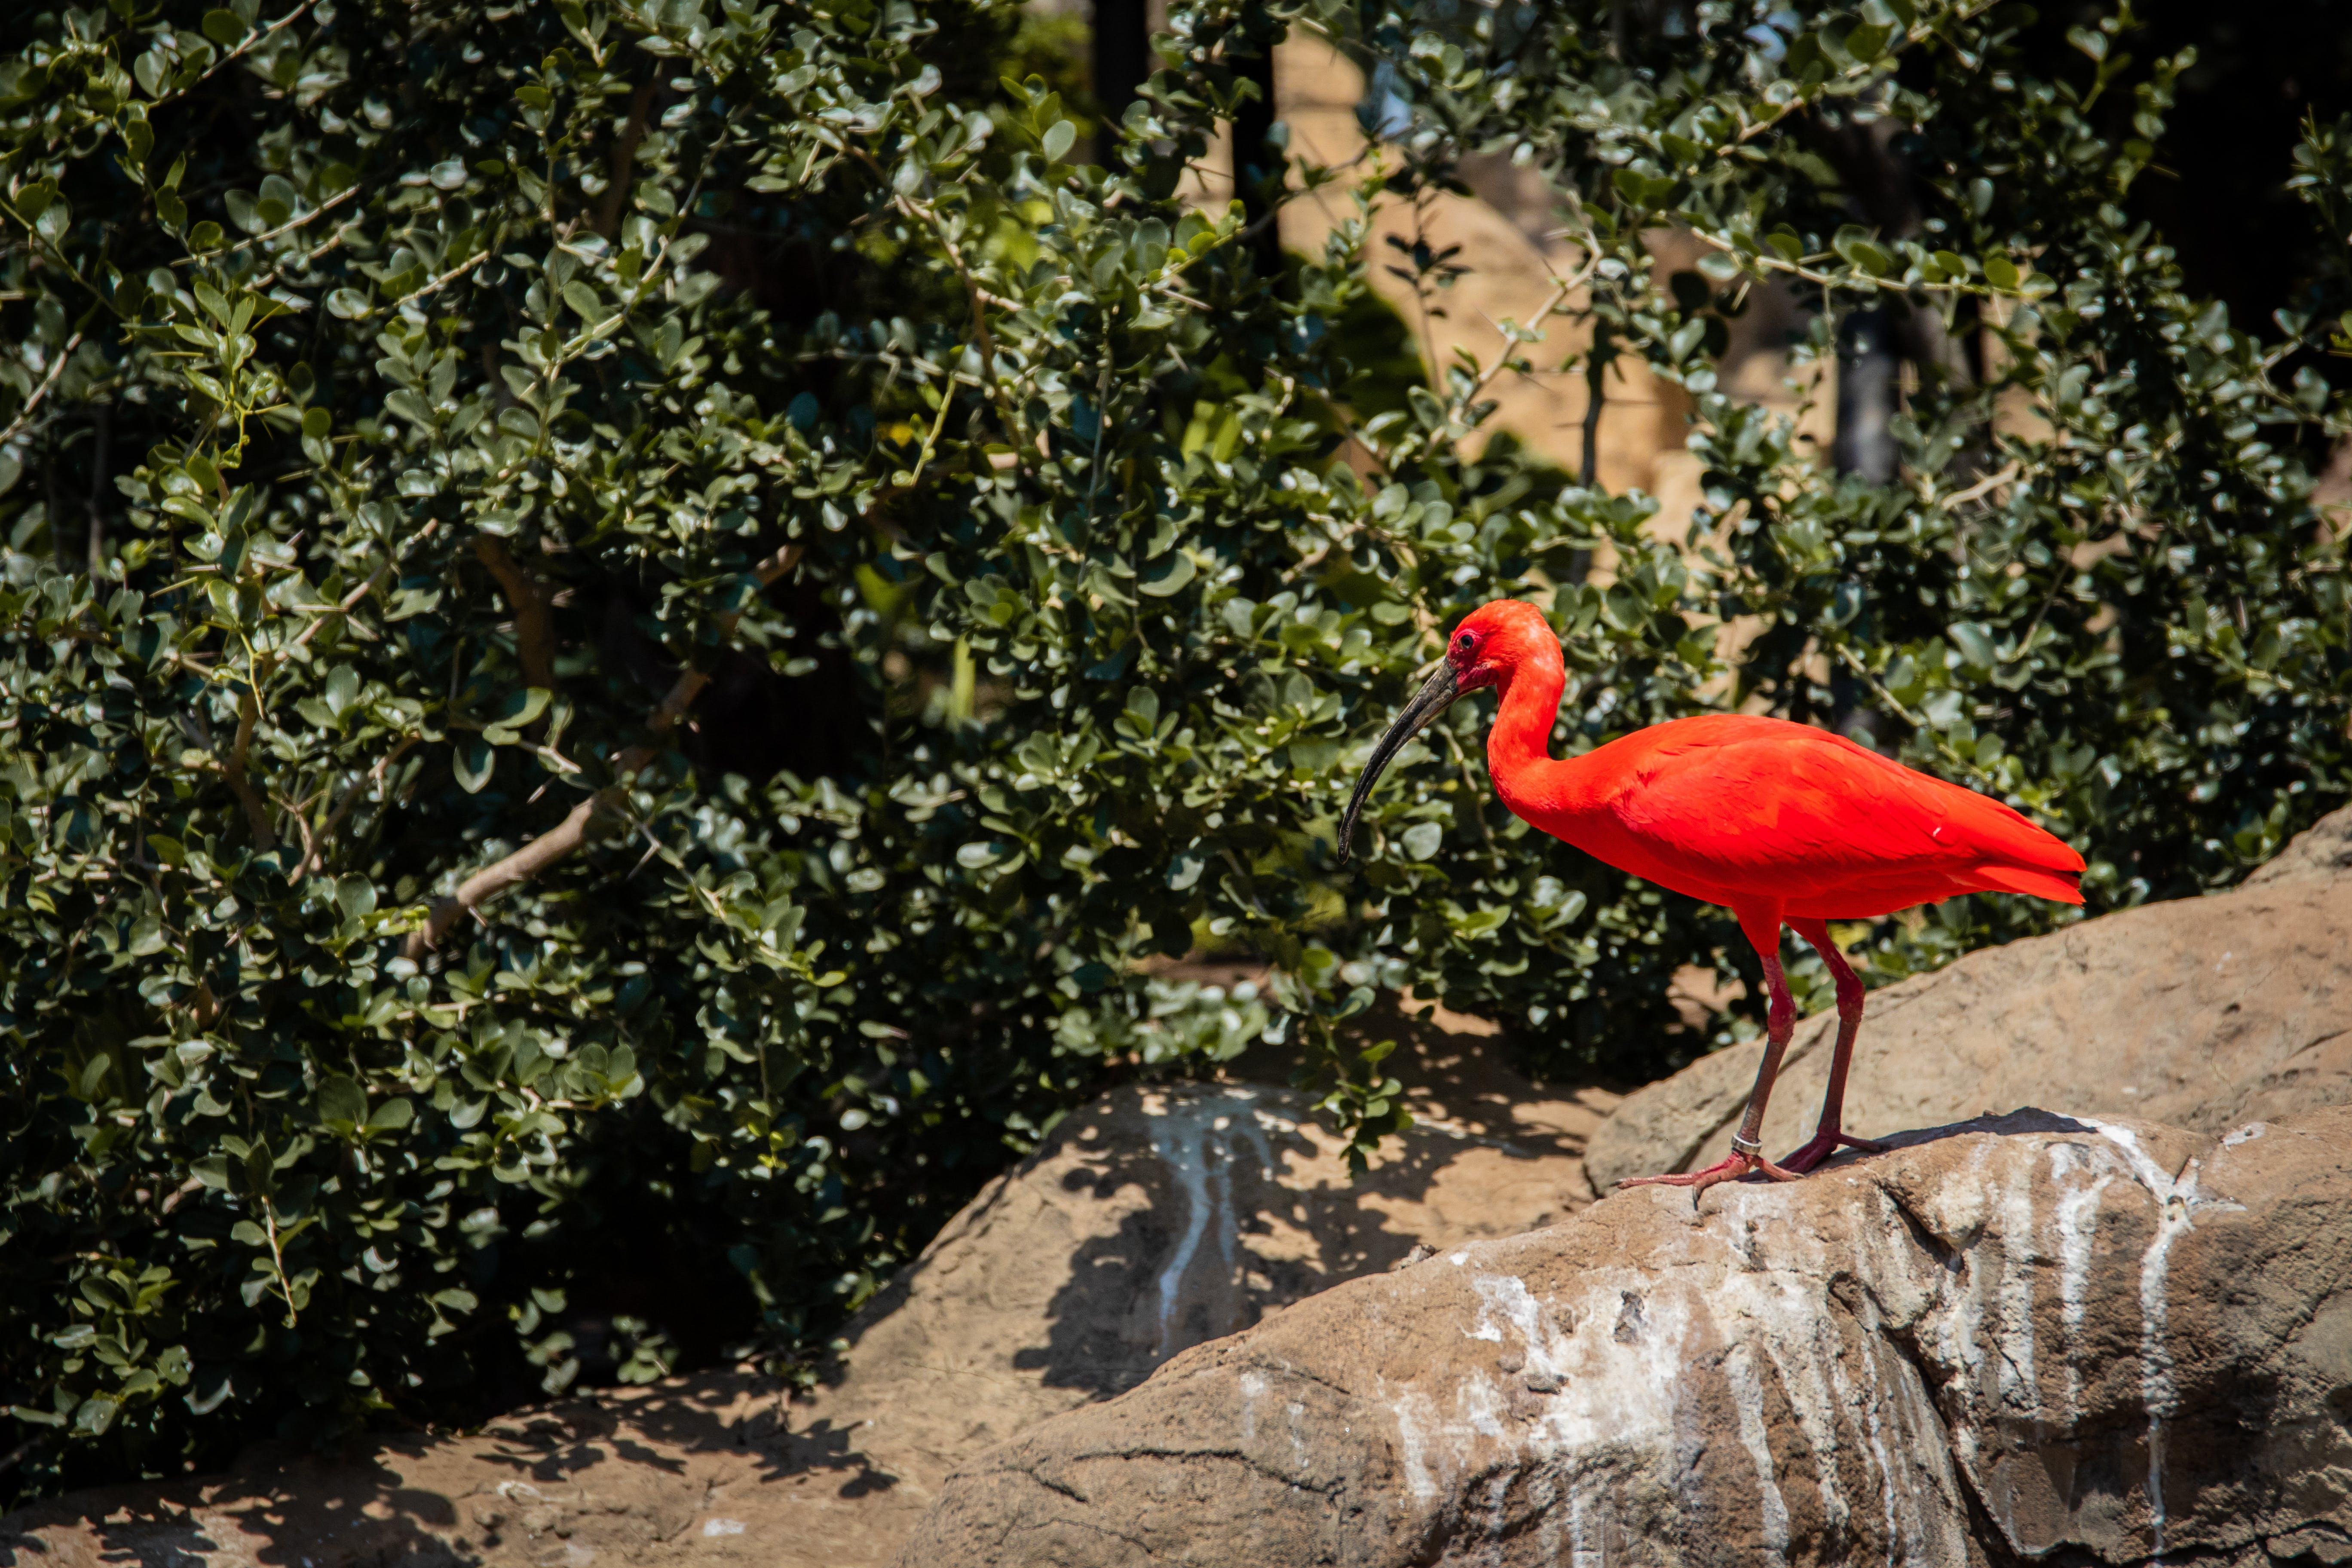 Kostenloses Stock Foto zu natur, vogel, rot, sommer